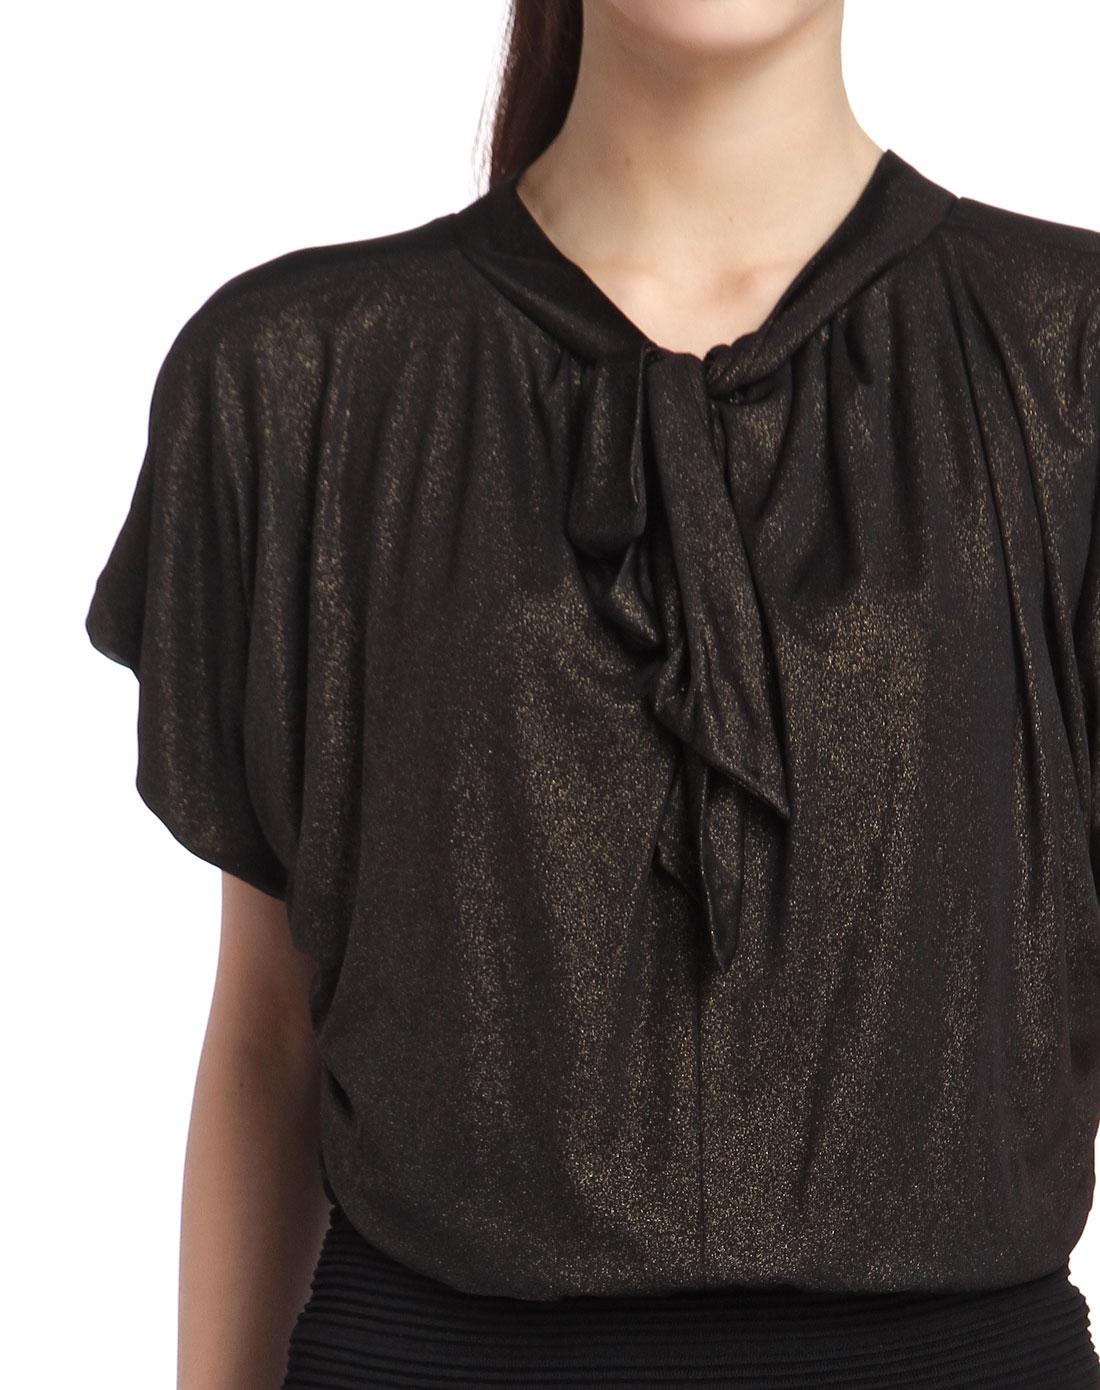 黑色金粉蝙蝠袖拼接连衣裙